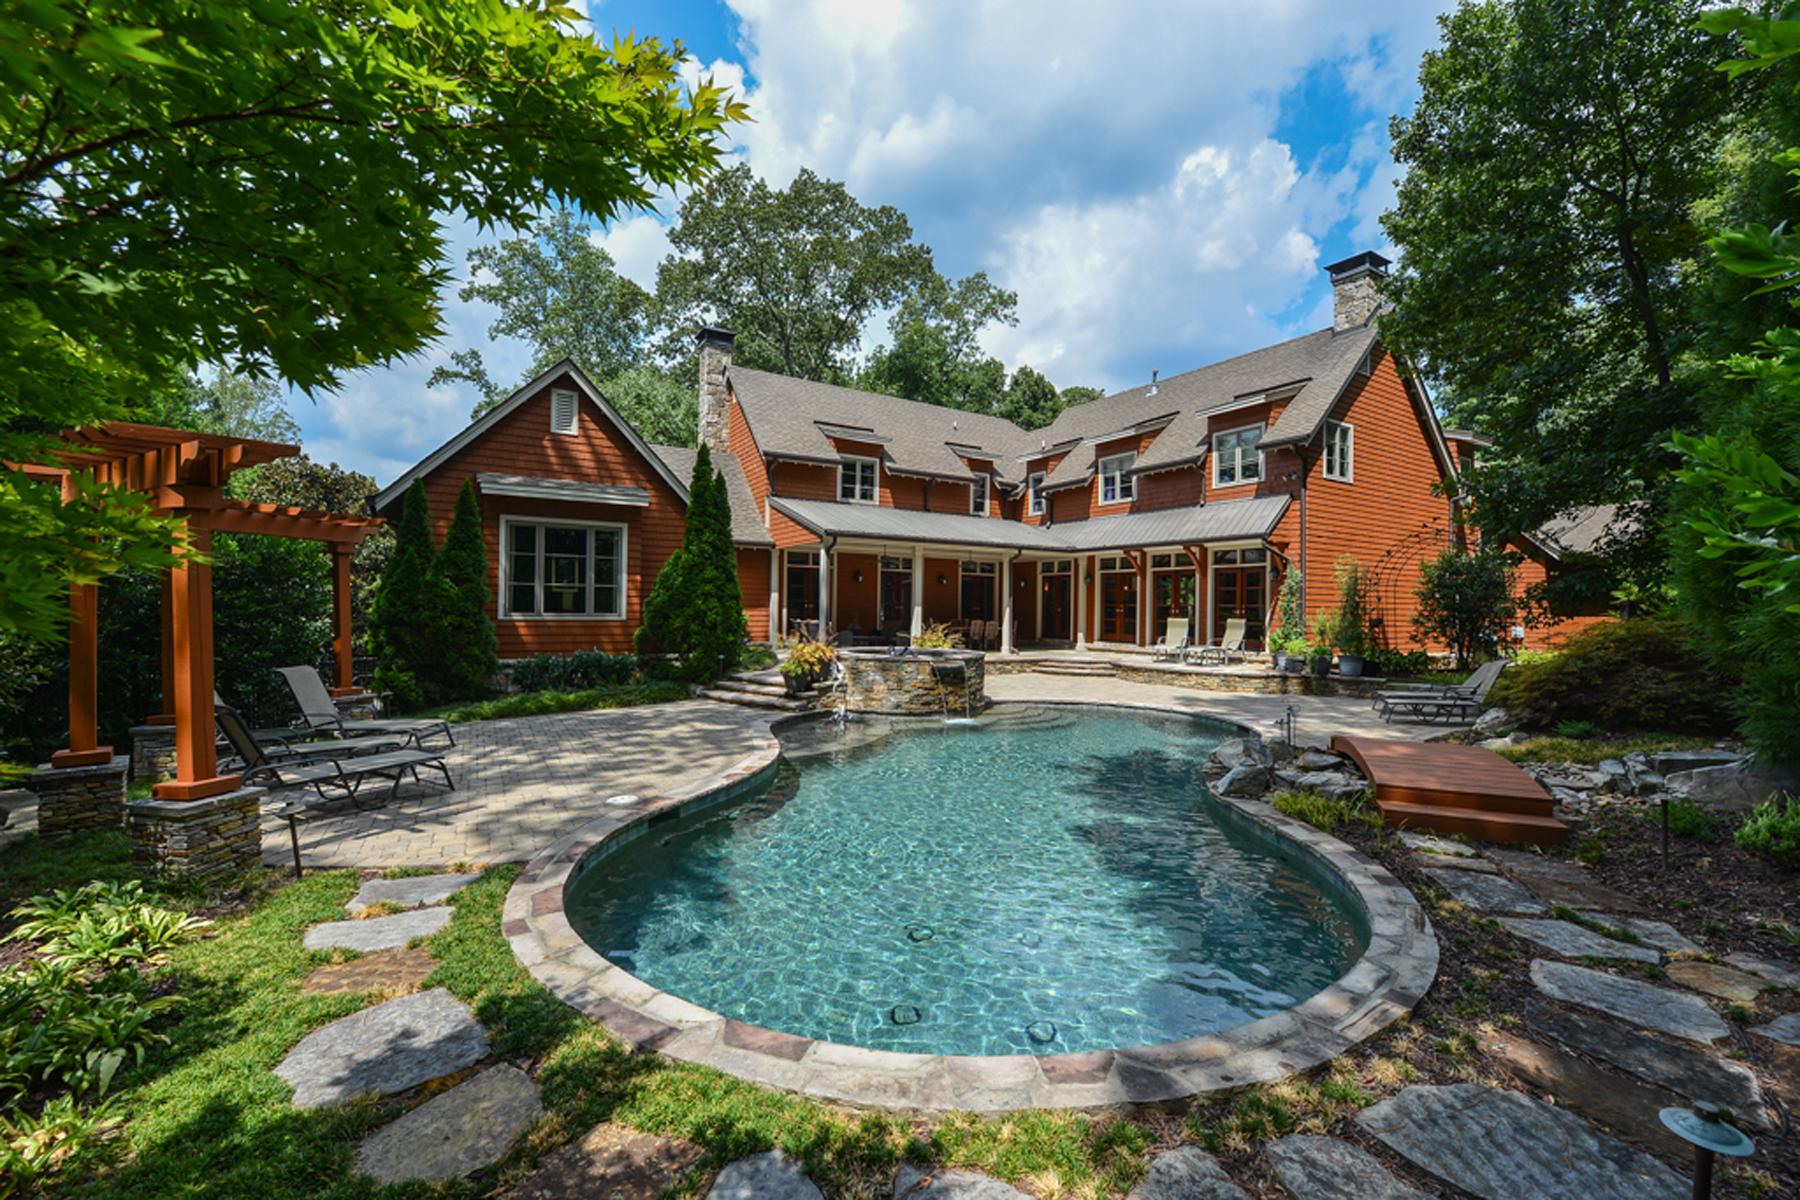 Villa per Vendita alle ore Exceptional Custom Home Nestled In A Beautiful Wooded Setting 5281 Vernon Springs Trail Atlanta, Georgia 30327 Stati Uniti